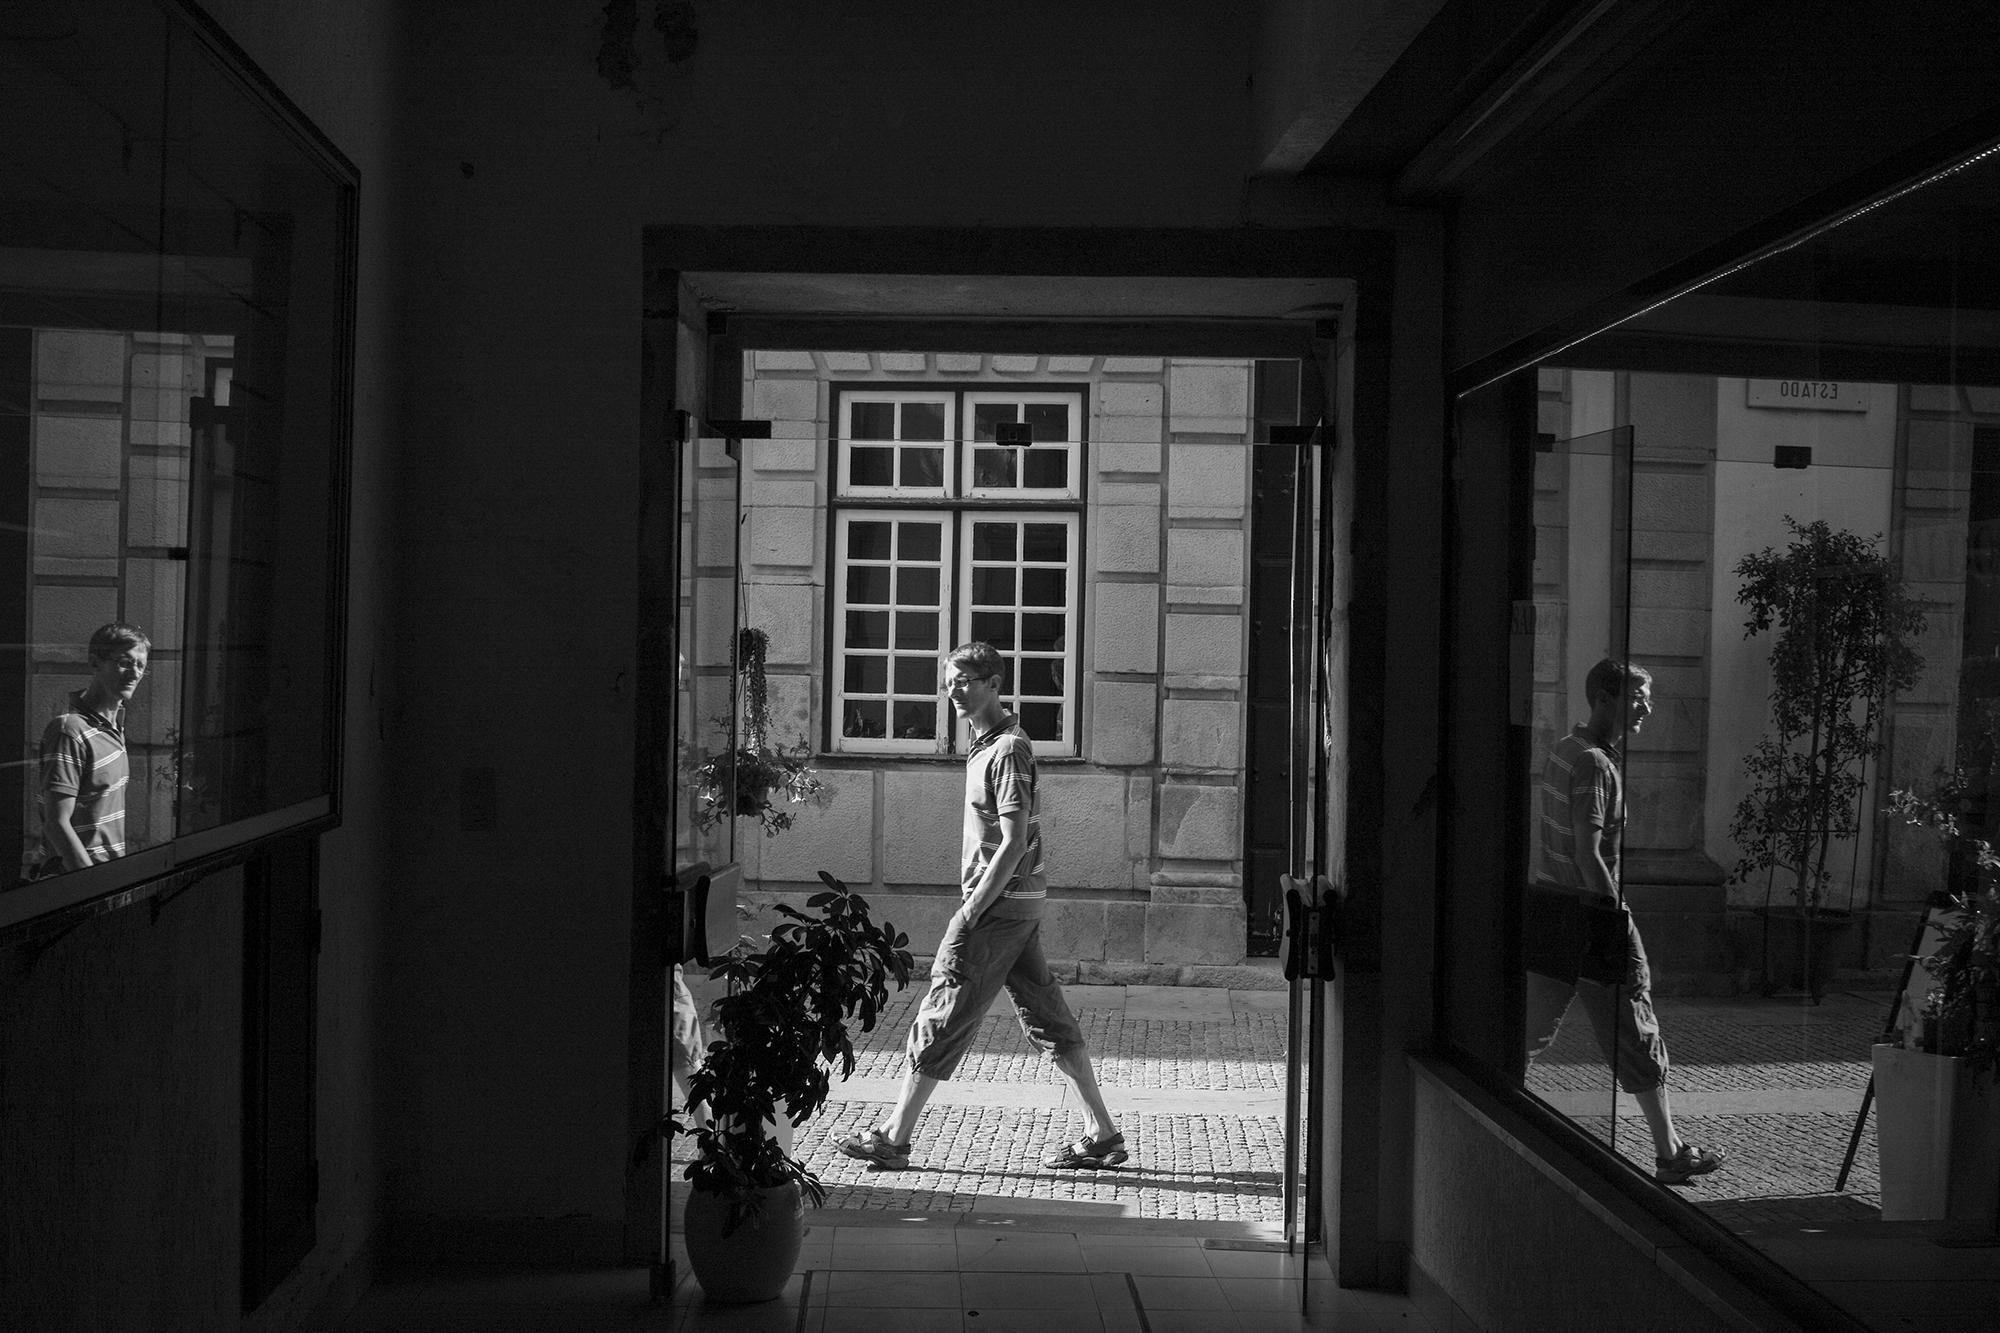 © Rodrigo Cabral Viana do Castelo 2016